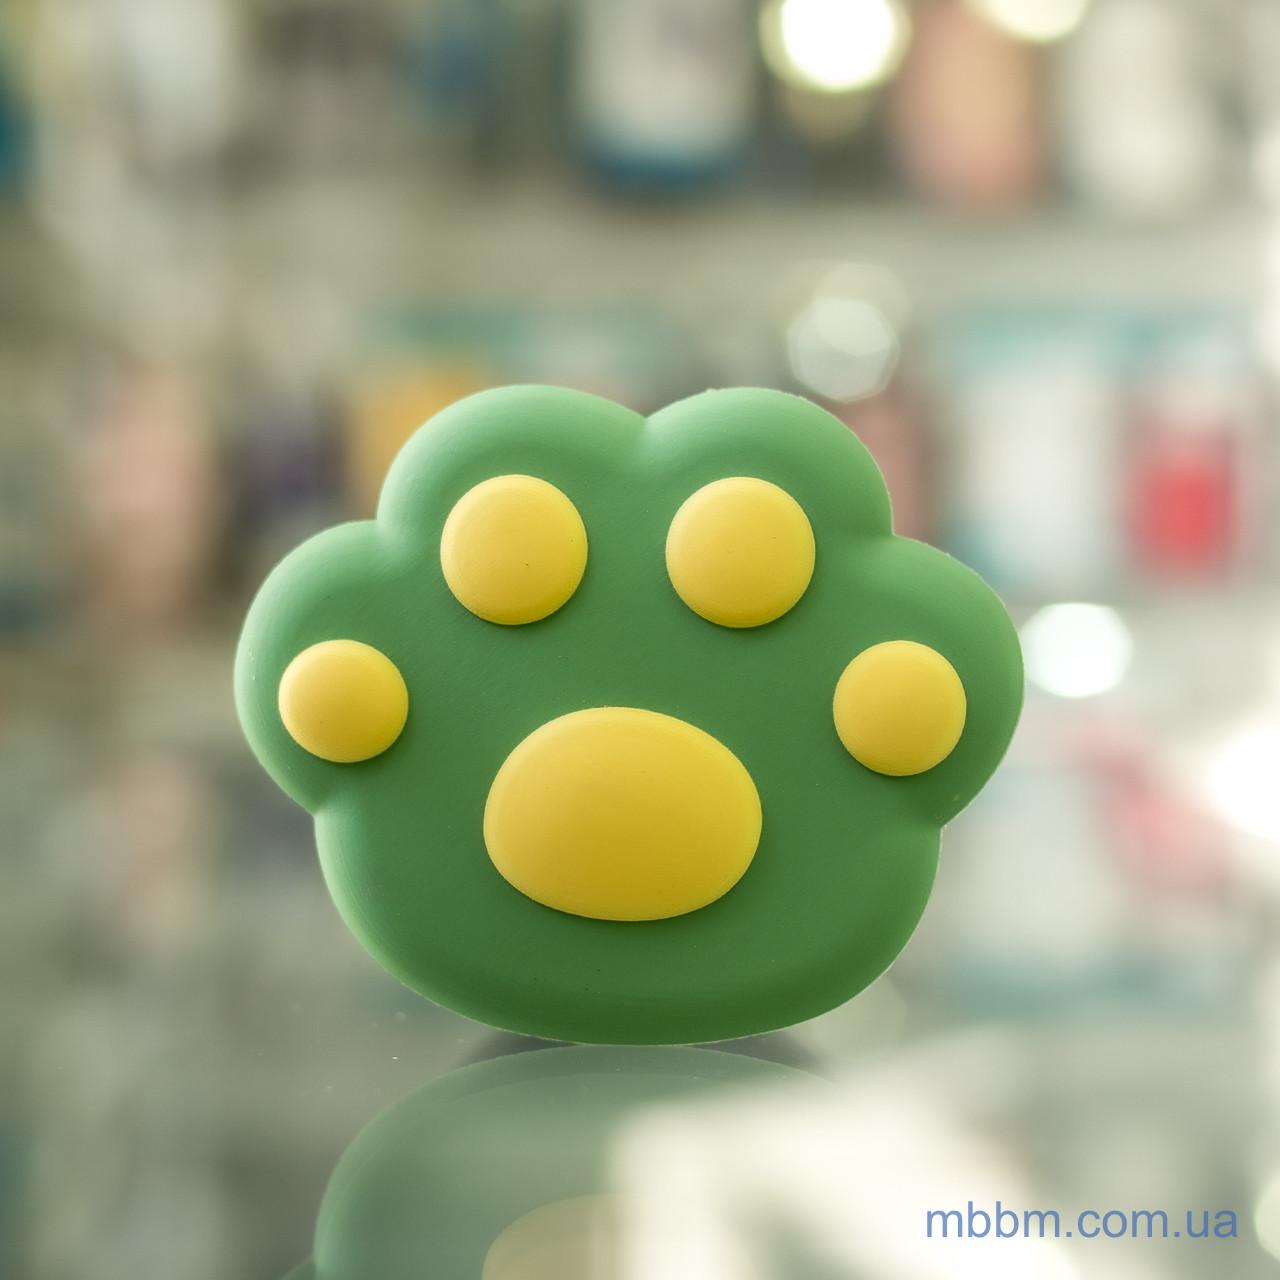 Держатель для телефона (попсокет, posocket) 3D [Лапа Зеленая/Желтая]